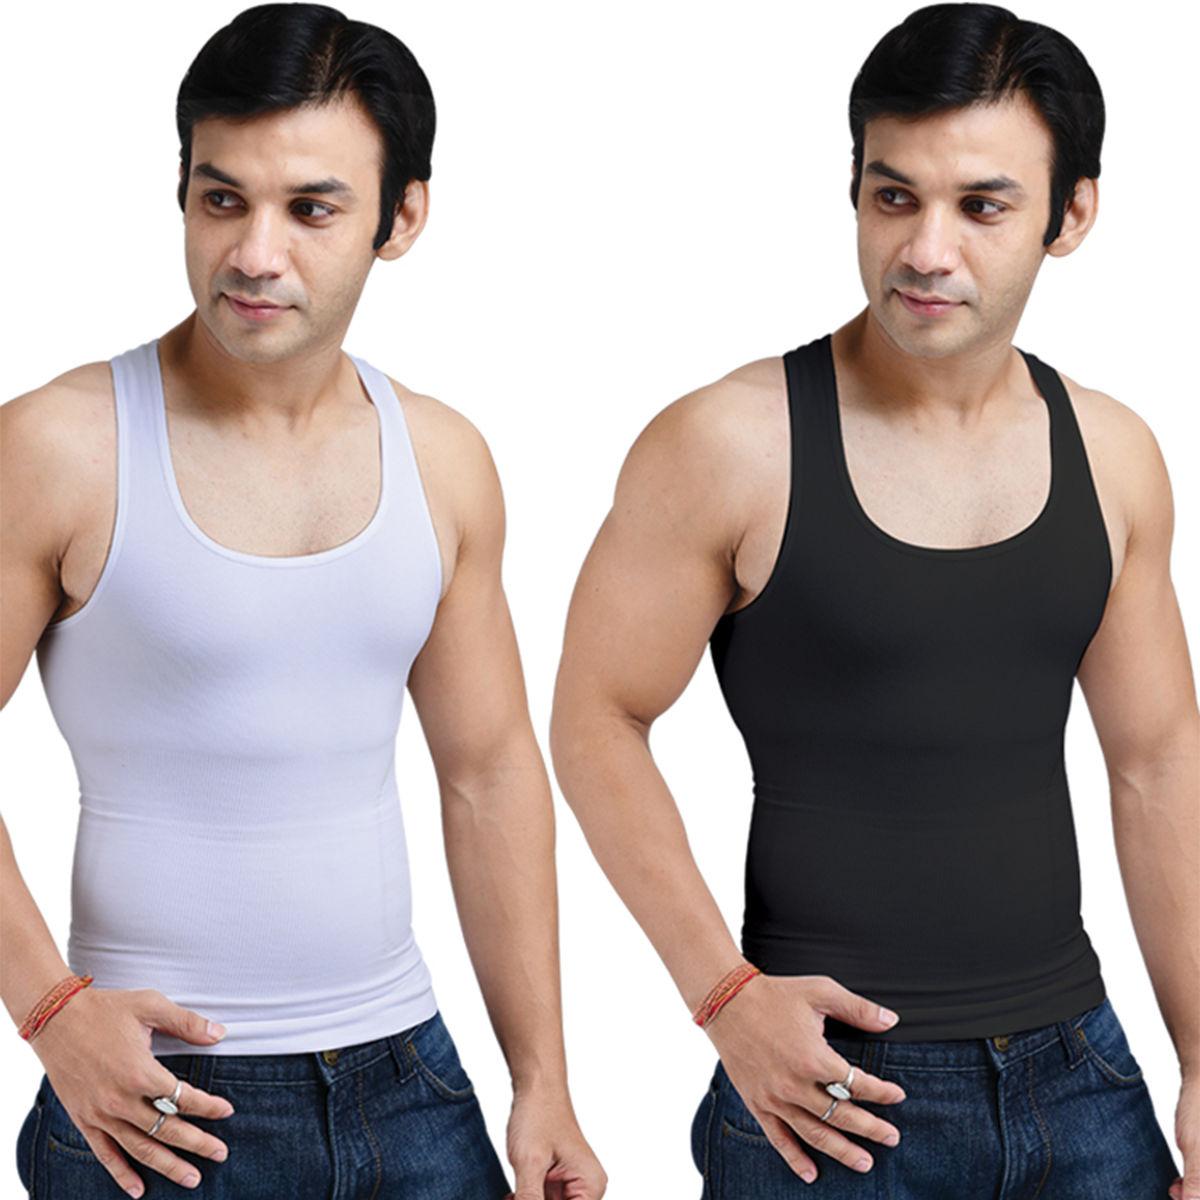 Buy Get In Shape Set of 2 Instant Slimming Vest for Men ...